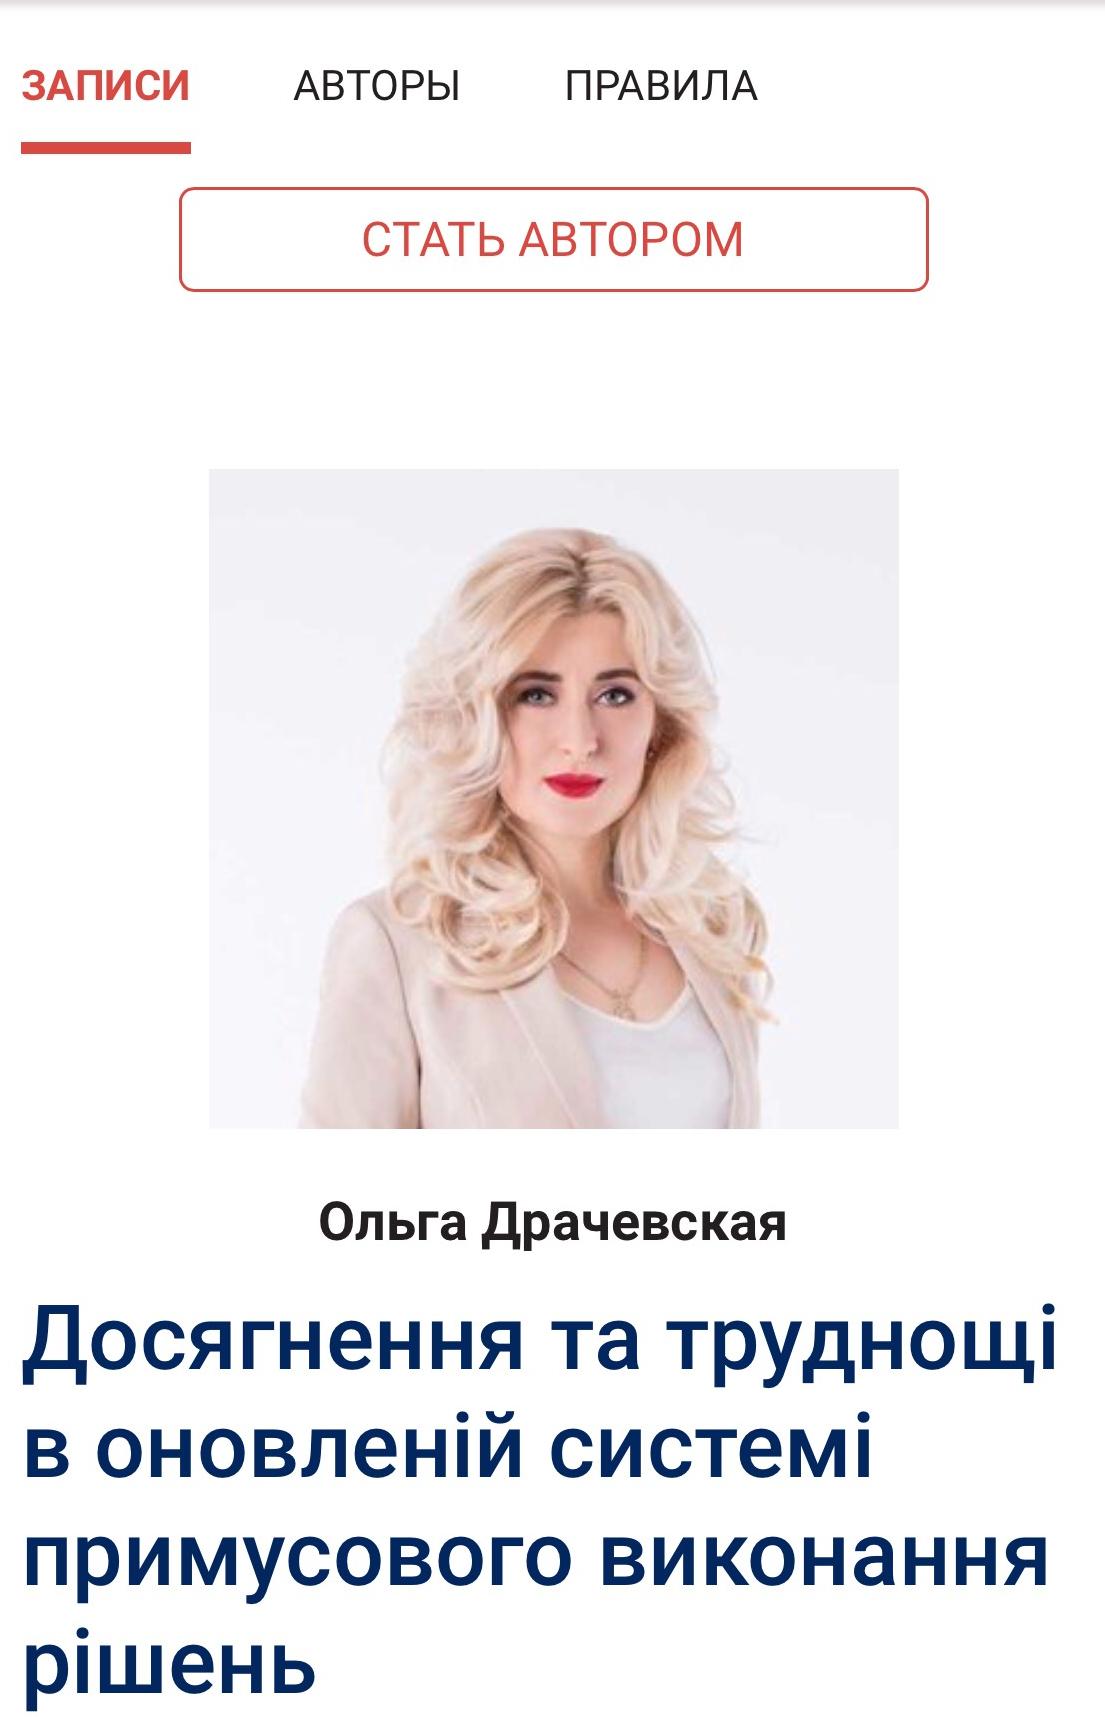 Драчевская Ольга, Драчевська Ольга